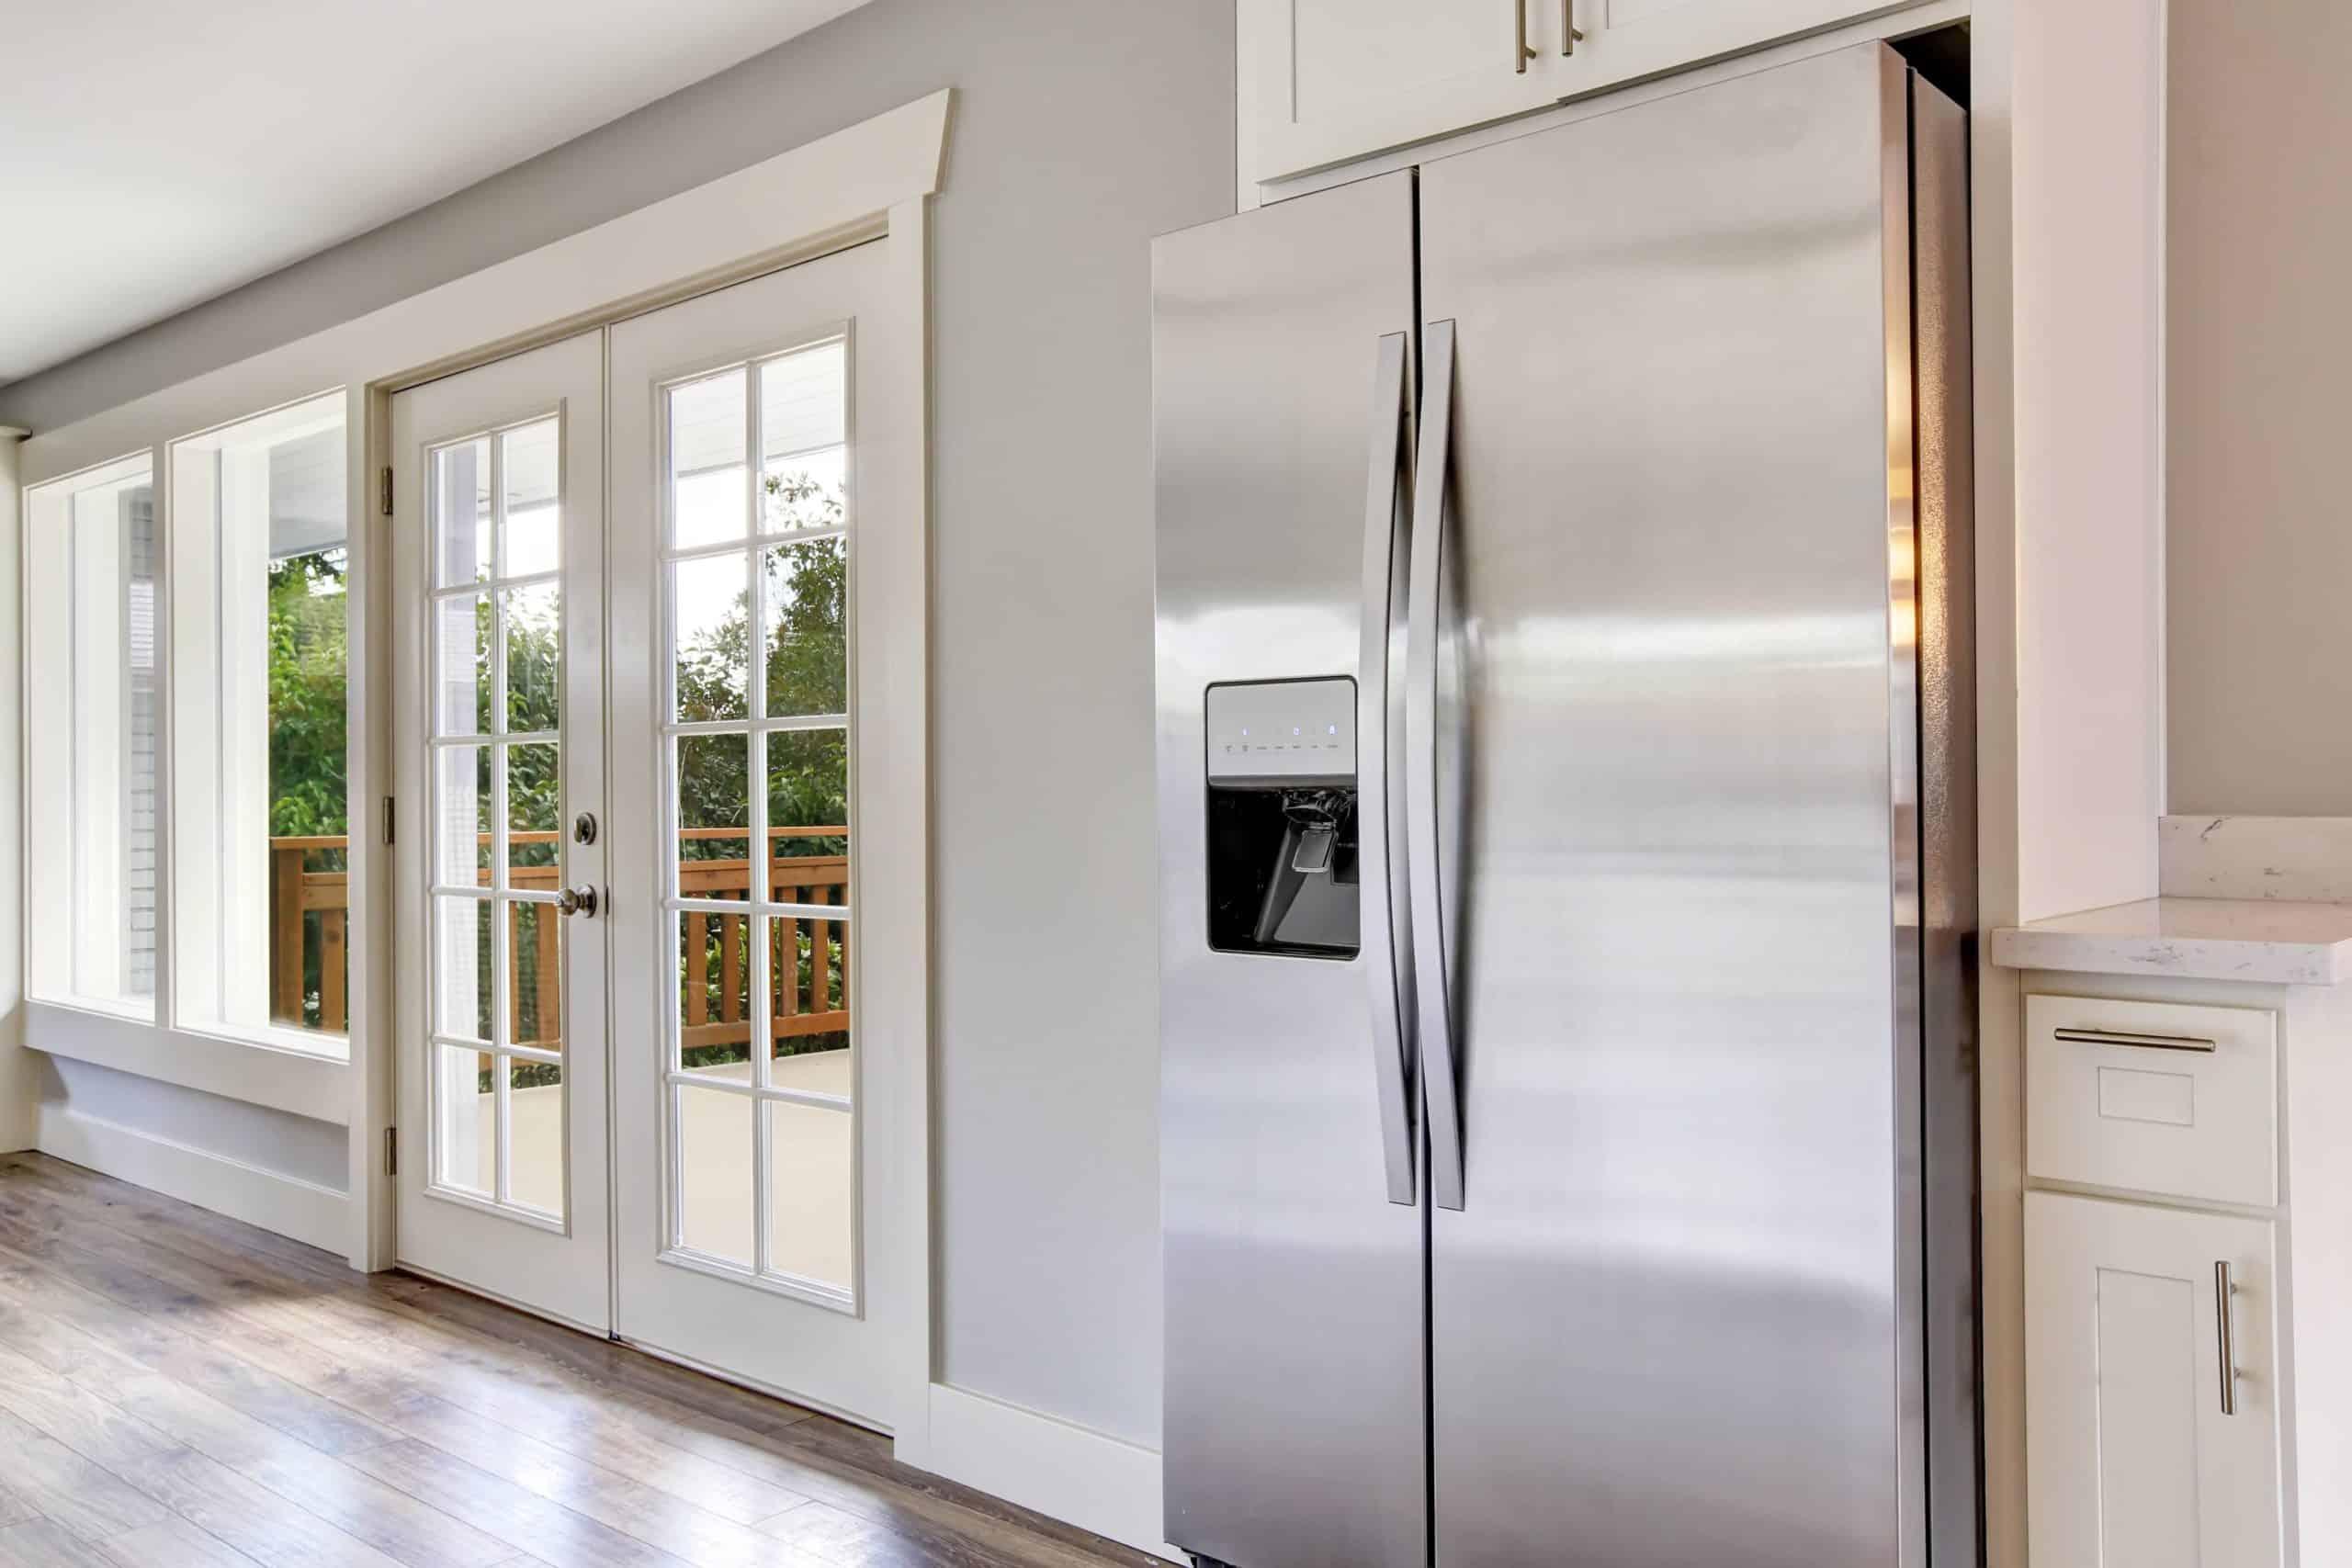 Installed Refrigerator